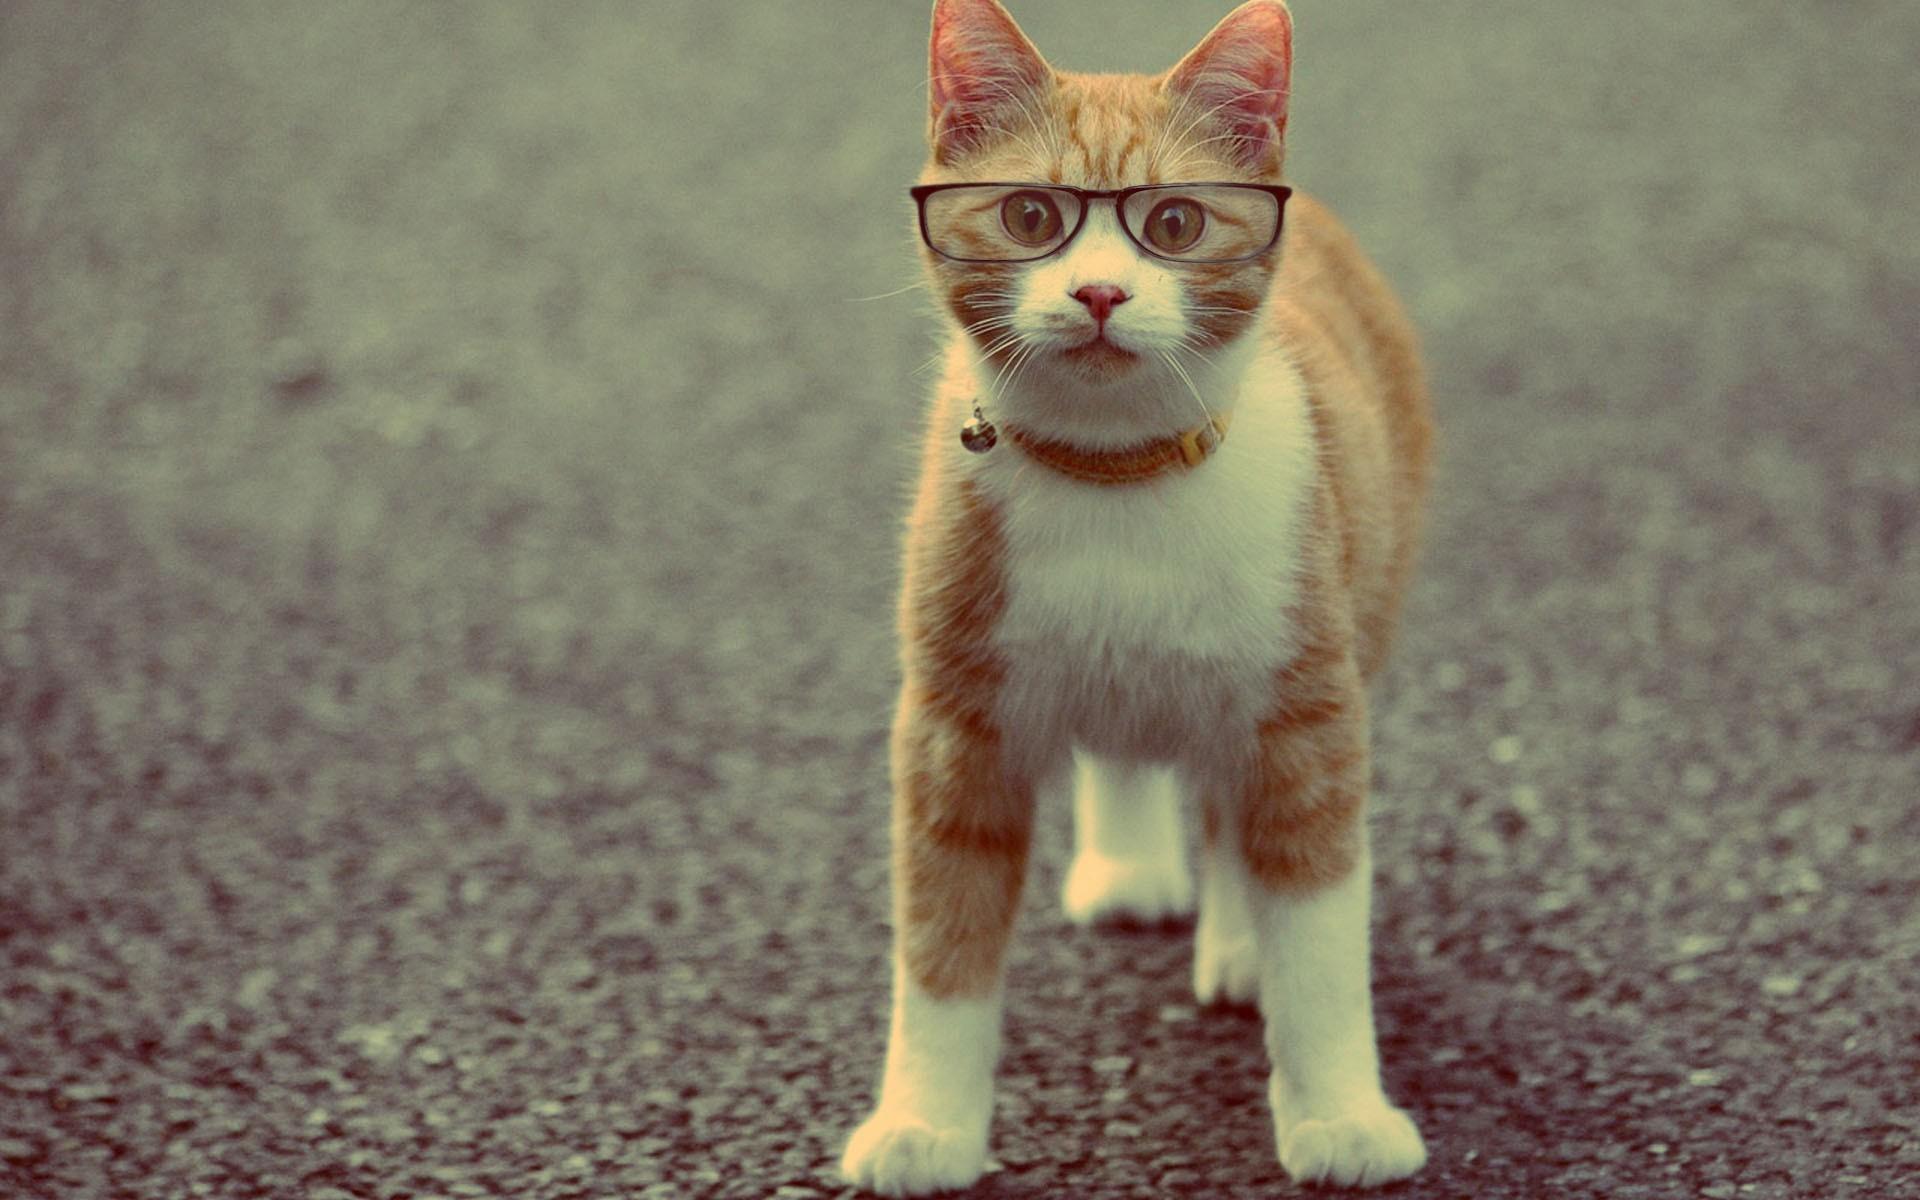 Cat in Glasses Wallpapers HD Desktop ImageBankbiz 1920x1200